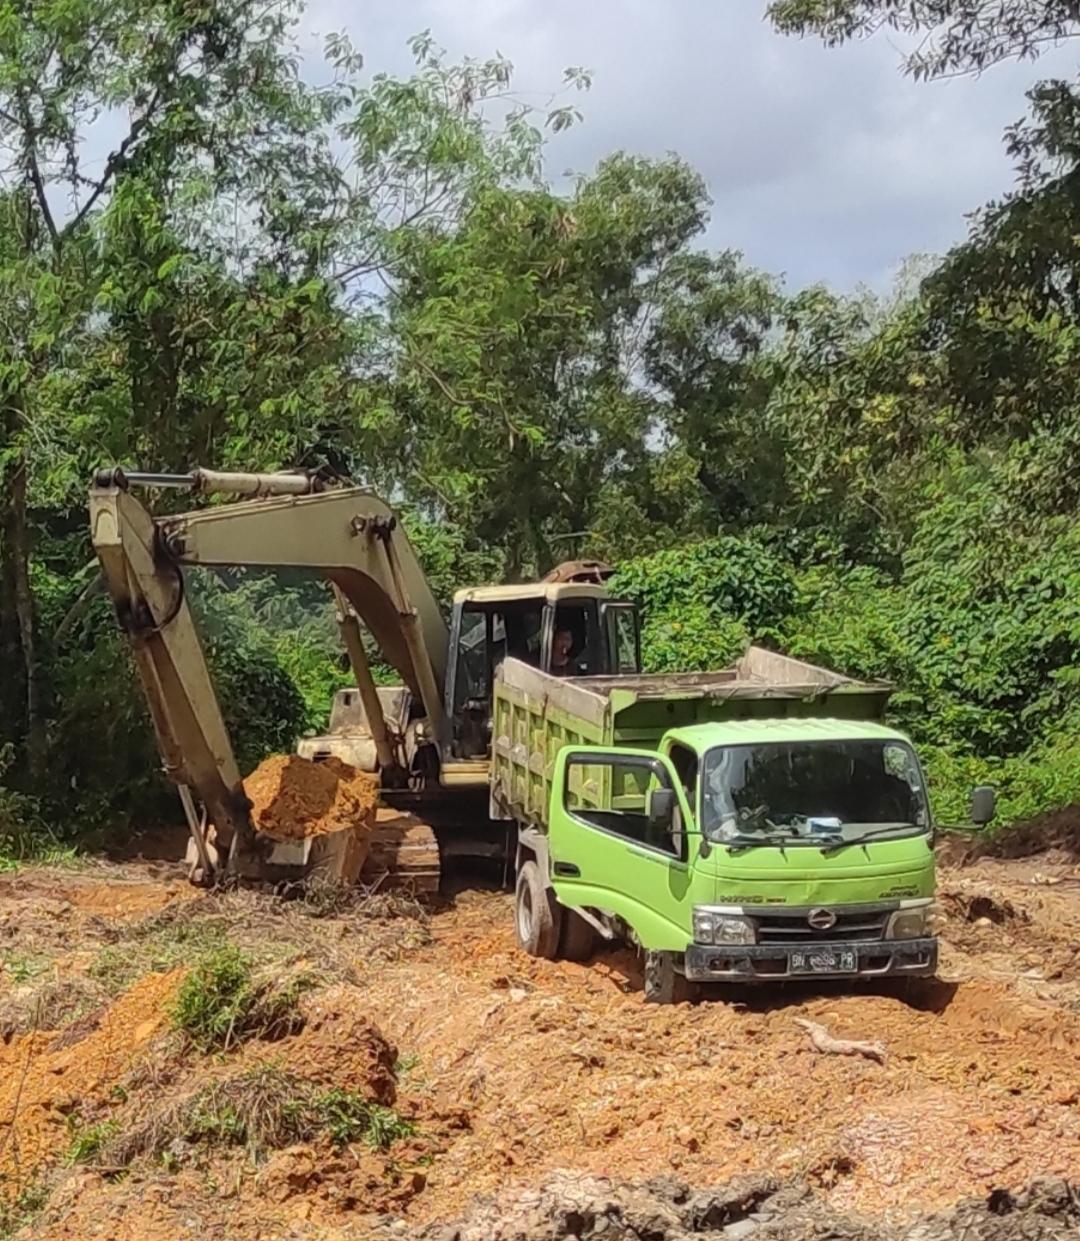 Polresta Pangkalpinang Tertibkan Aktifitas Tambang Pasir Dan Timah Ilegal Dikawasan RTH Parit Enam